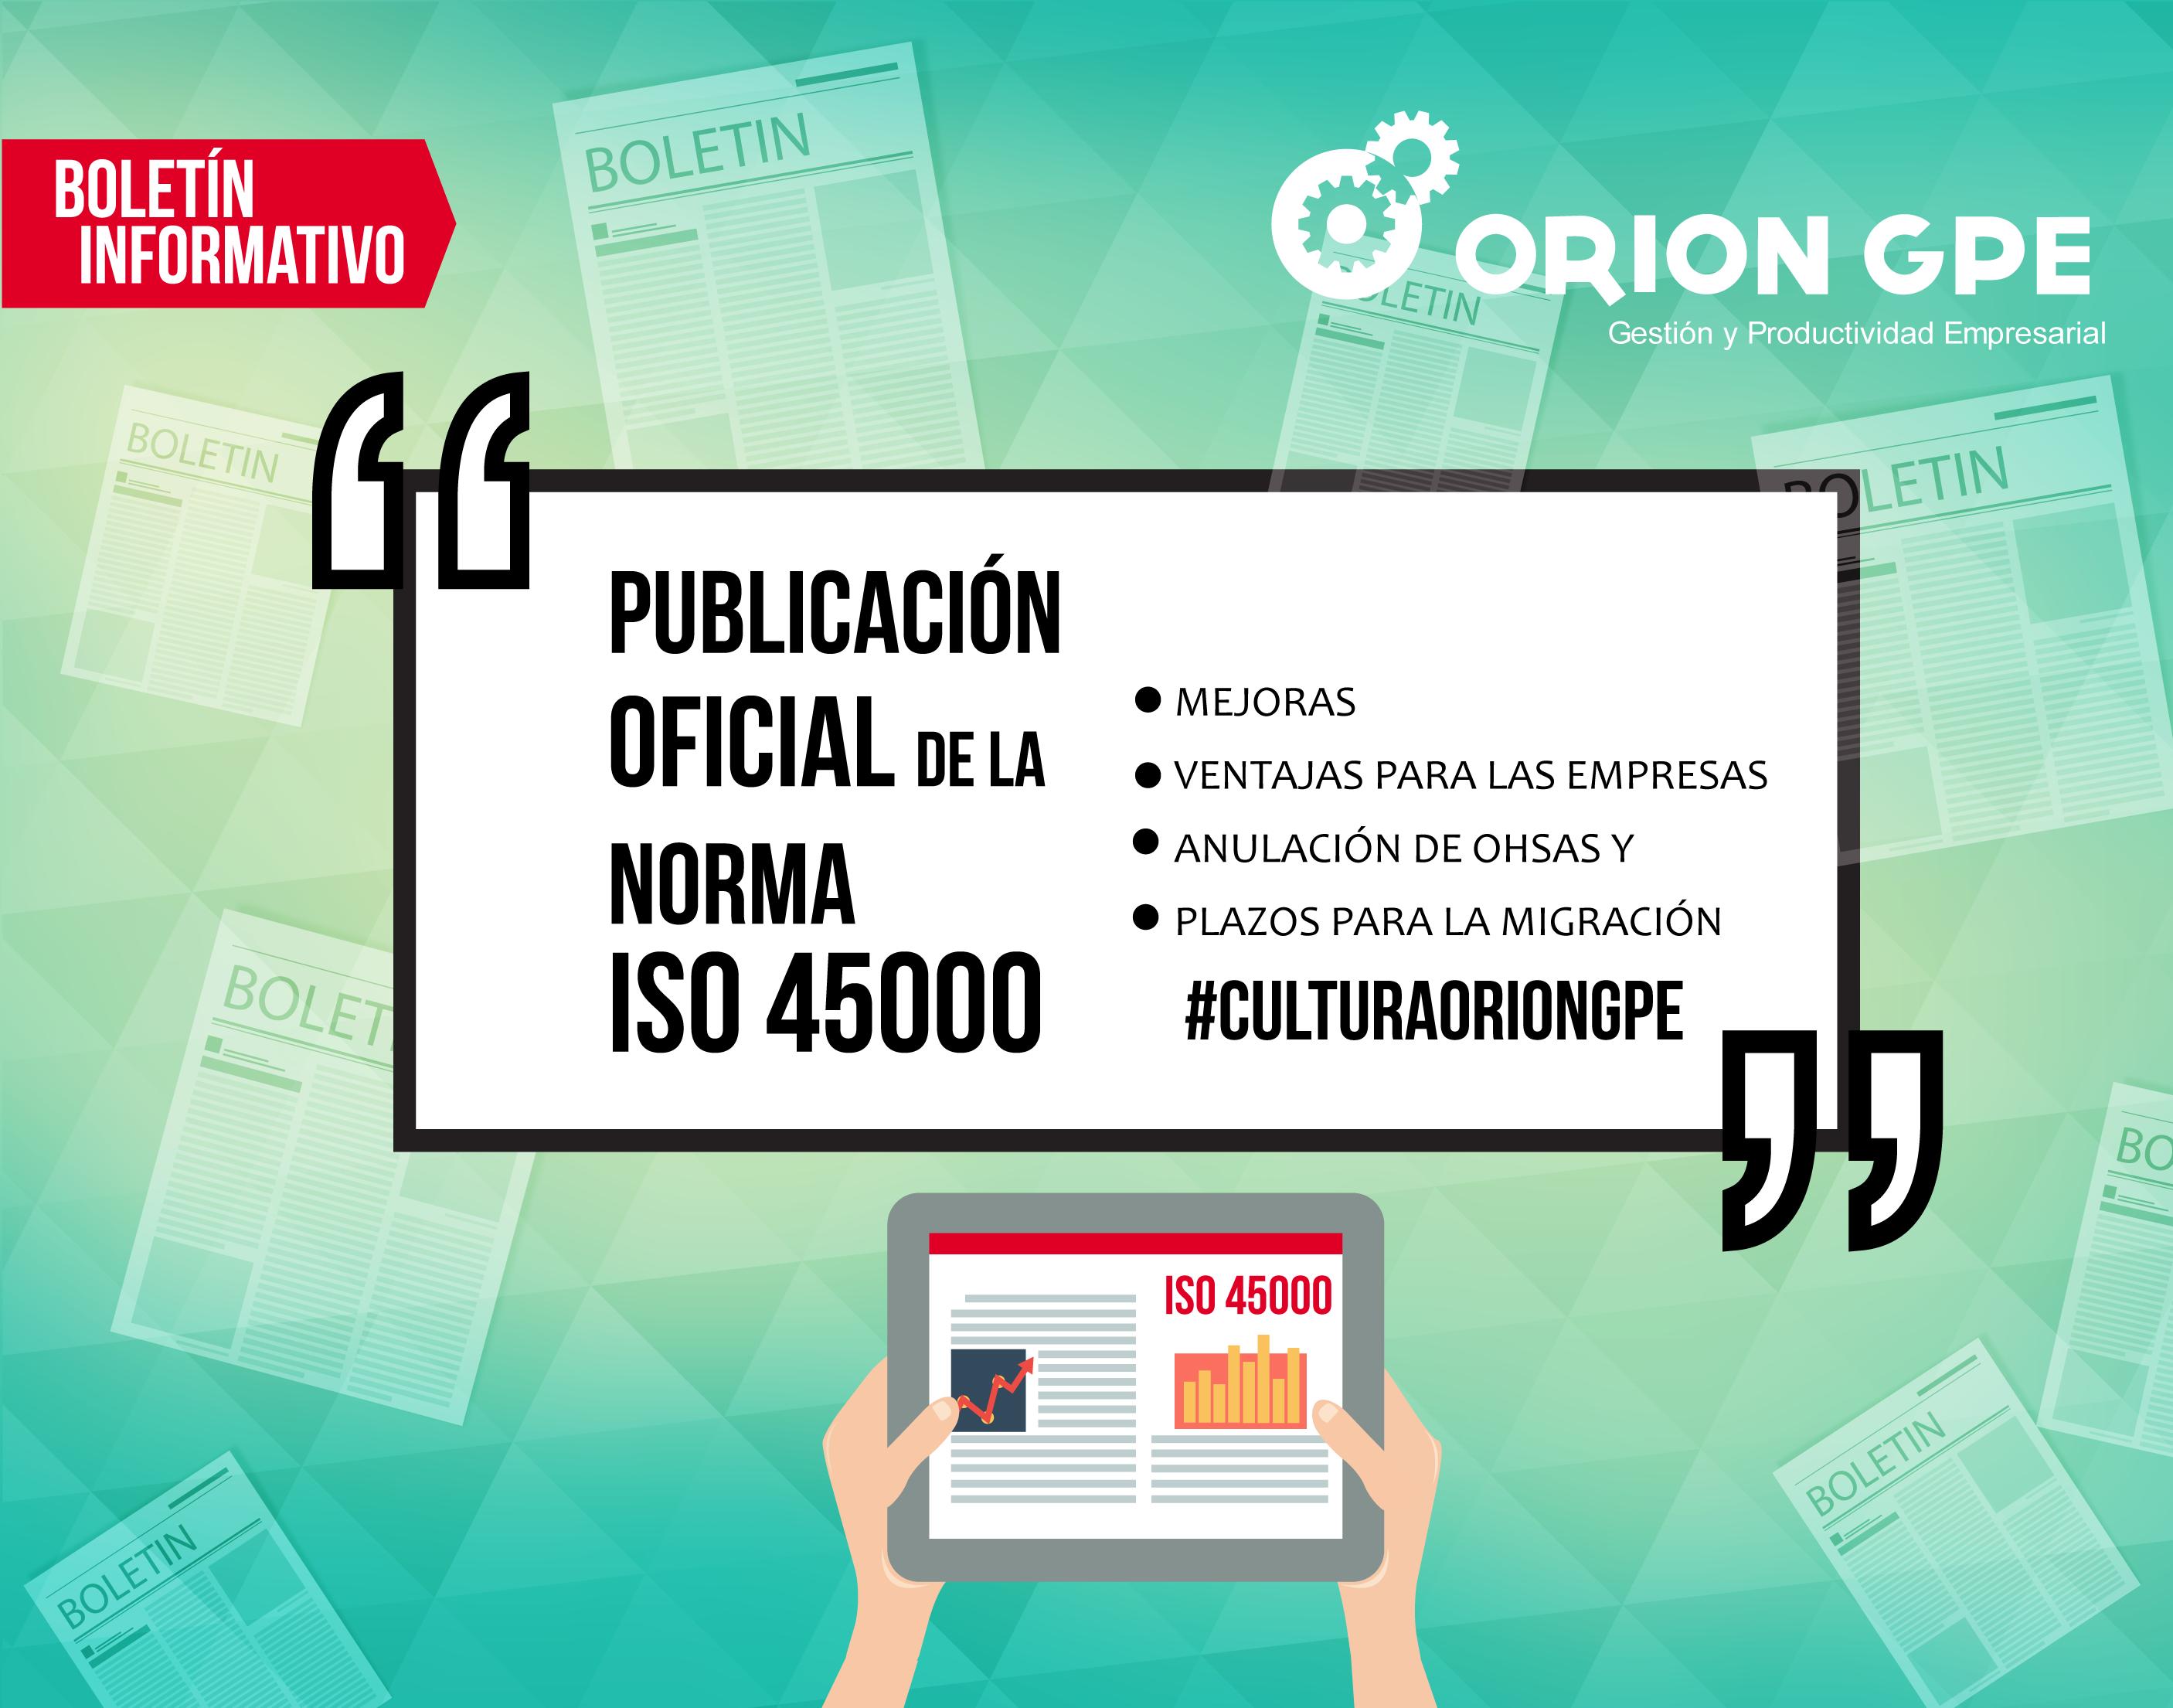 APROBACIÓN DE LA NUEVA NORMA ISO 45001:2018